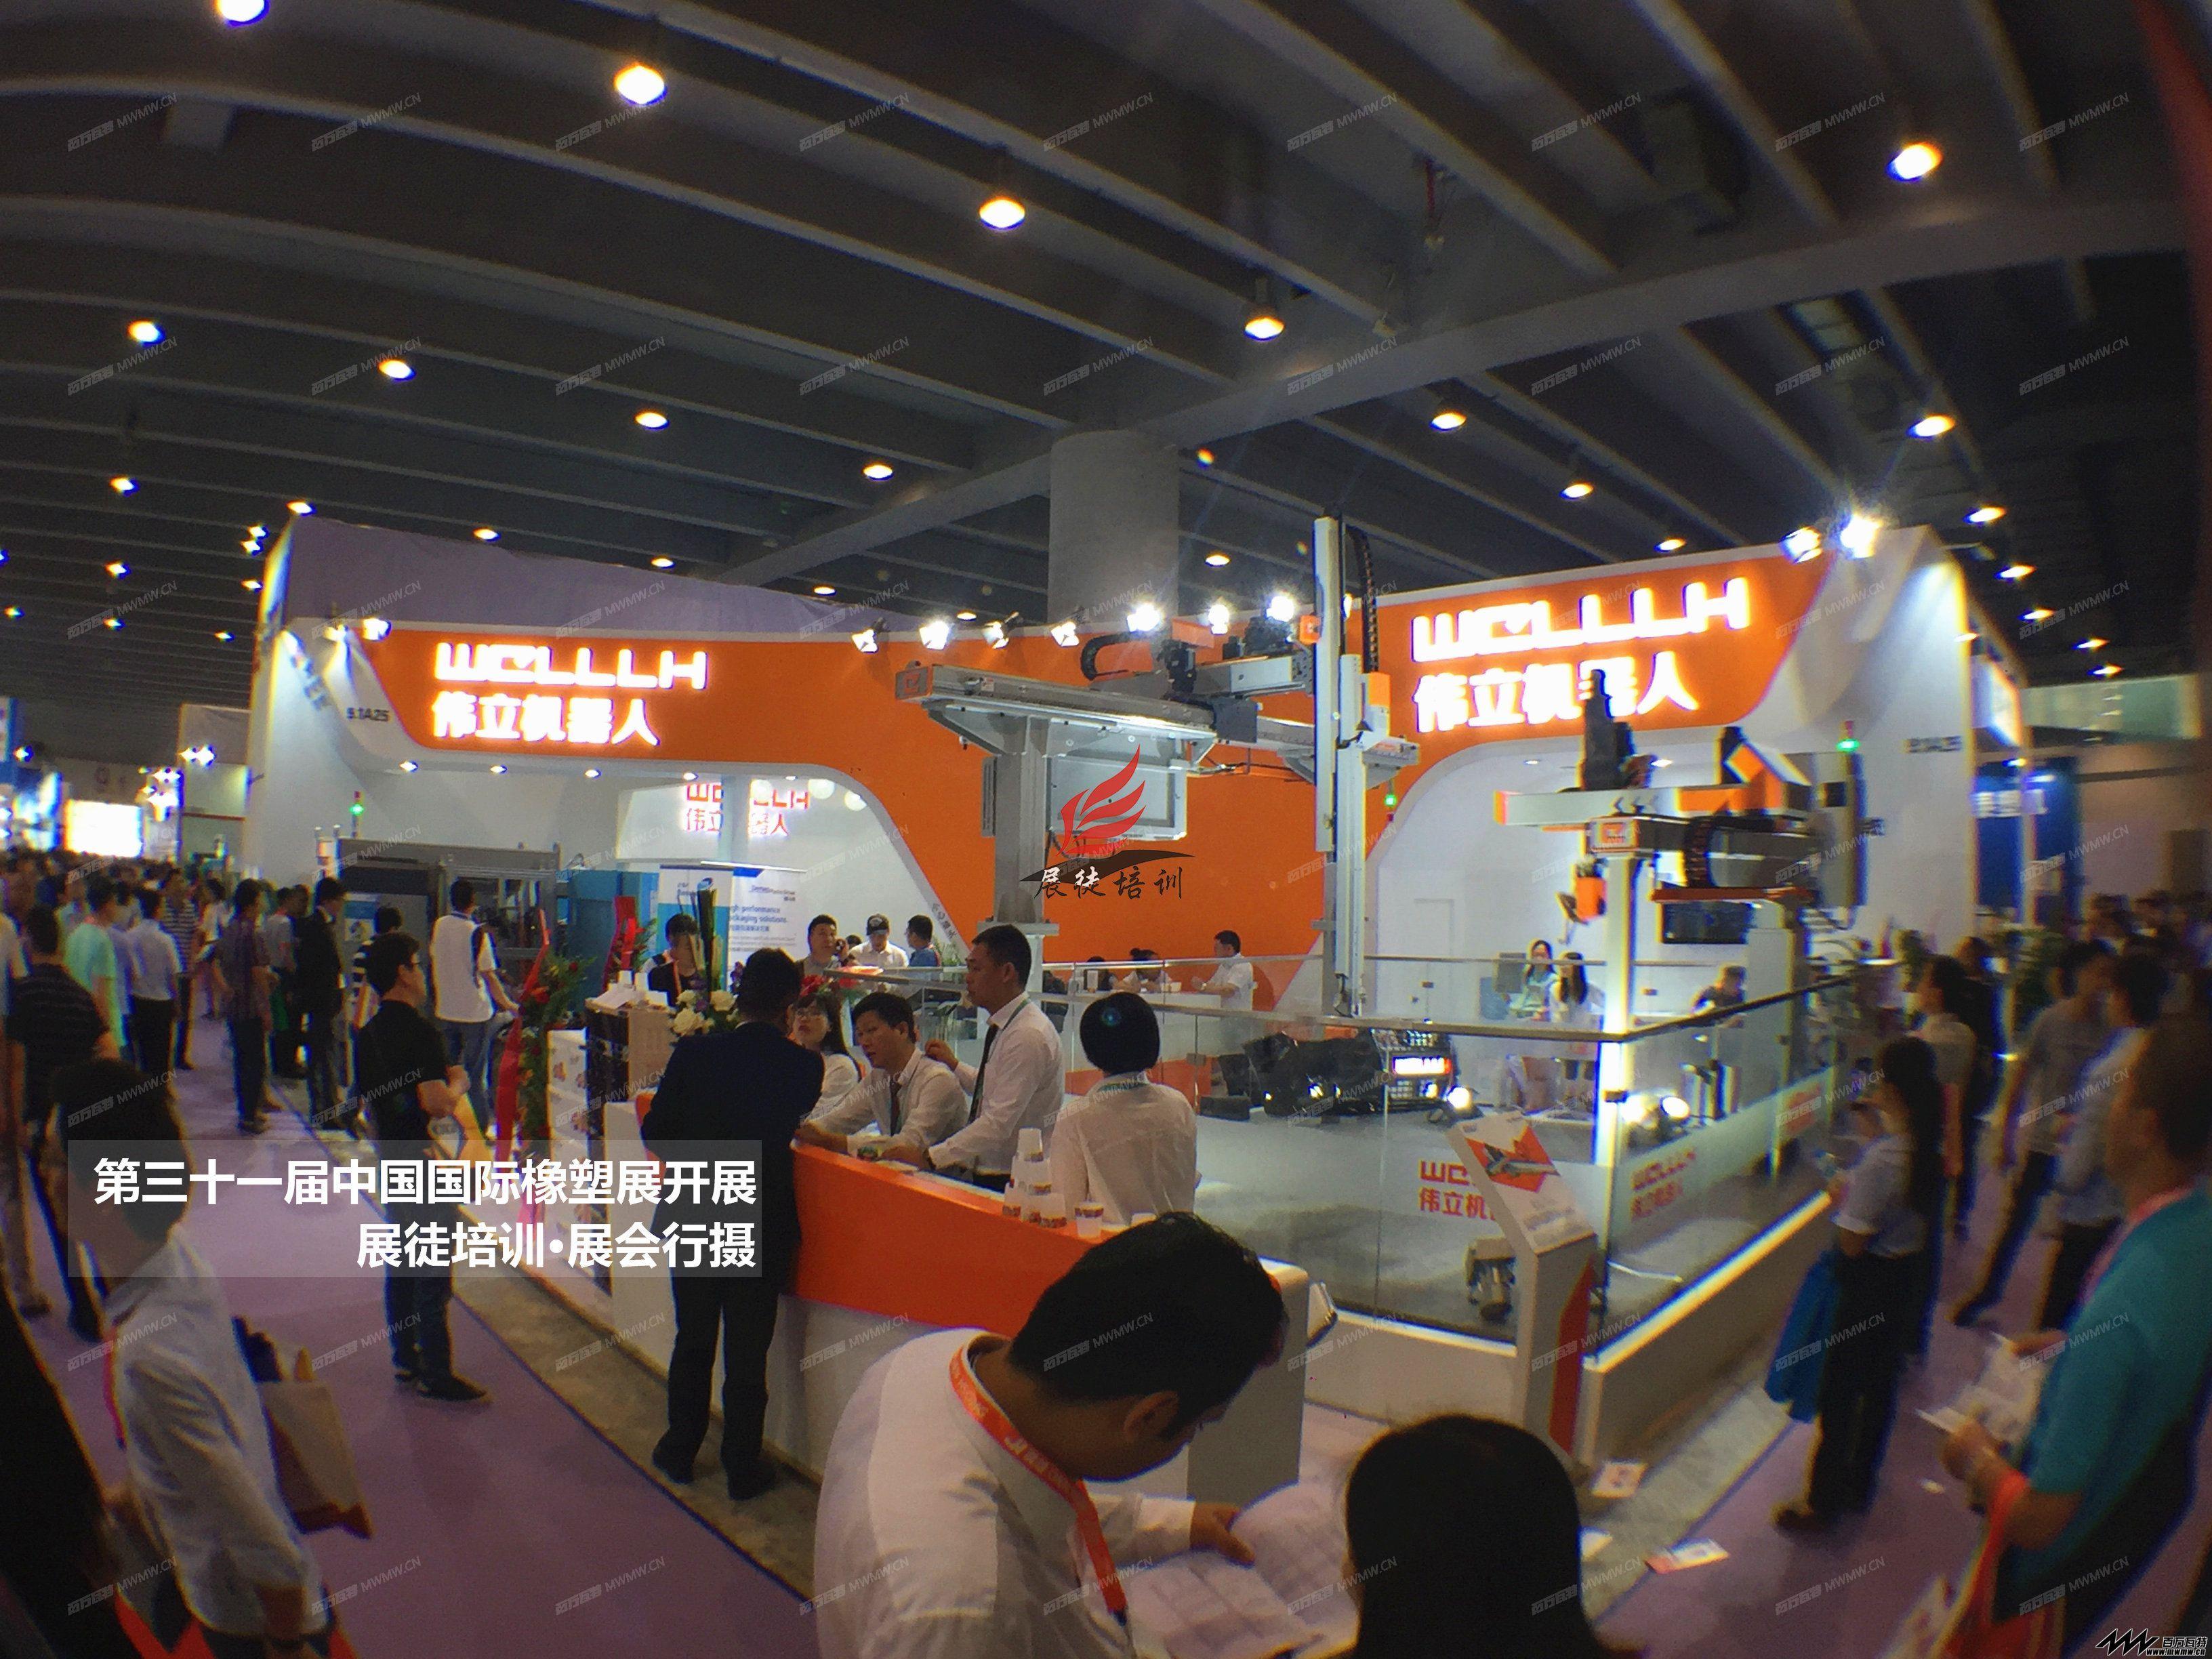 2017第三十一届中国国际橡塑展·展徒培训·展会行摄 (21) - 副本.JPG